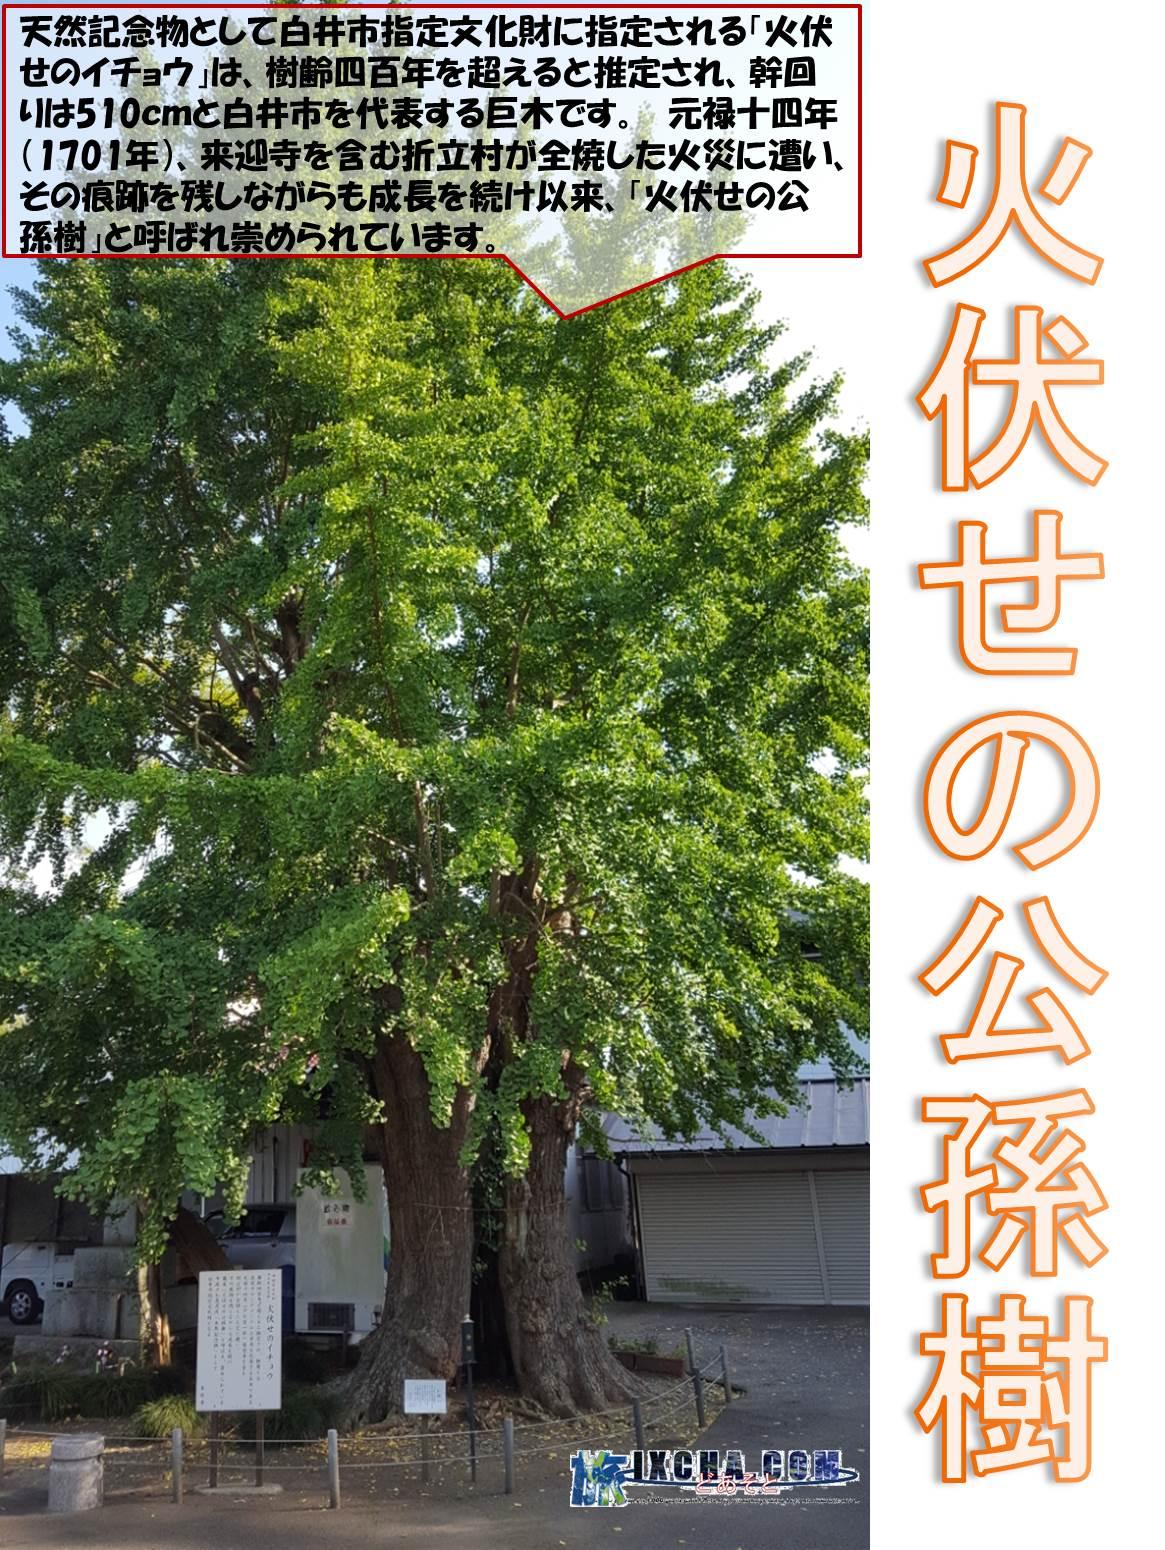 火伏せの公孫樹 天然記念物として白井市指定文化財に指定される「火伏せのイチョウ」は、樹齢四百年を超えると推定され、幹回りは510cmと白井市を代表する巨木です。 元禄十四年(1701年)、来迎寺を含む折立村が全焼した火災に遭い、その痕跡を残しながらも成長を続け以来、「火伏せの公孫樹」と呼ばれ崇められています。